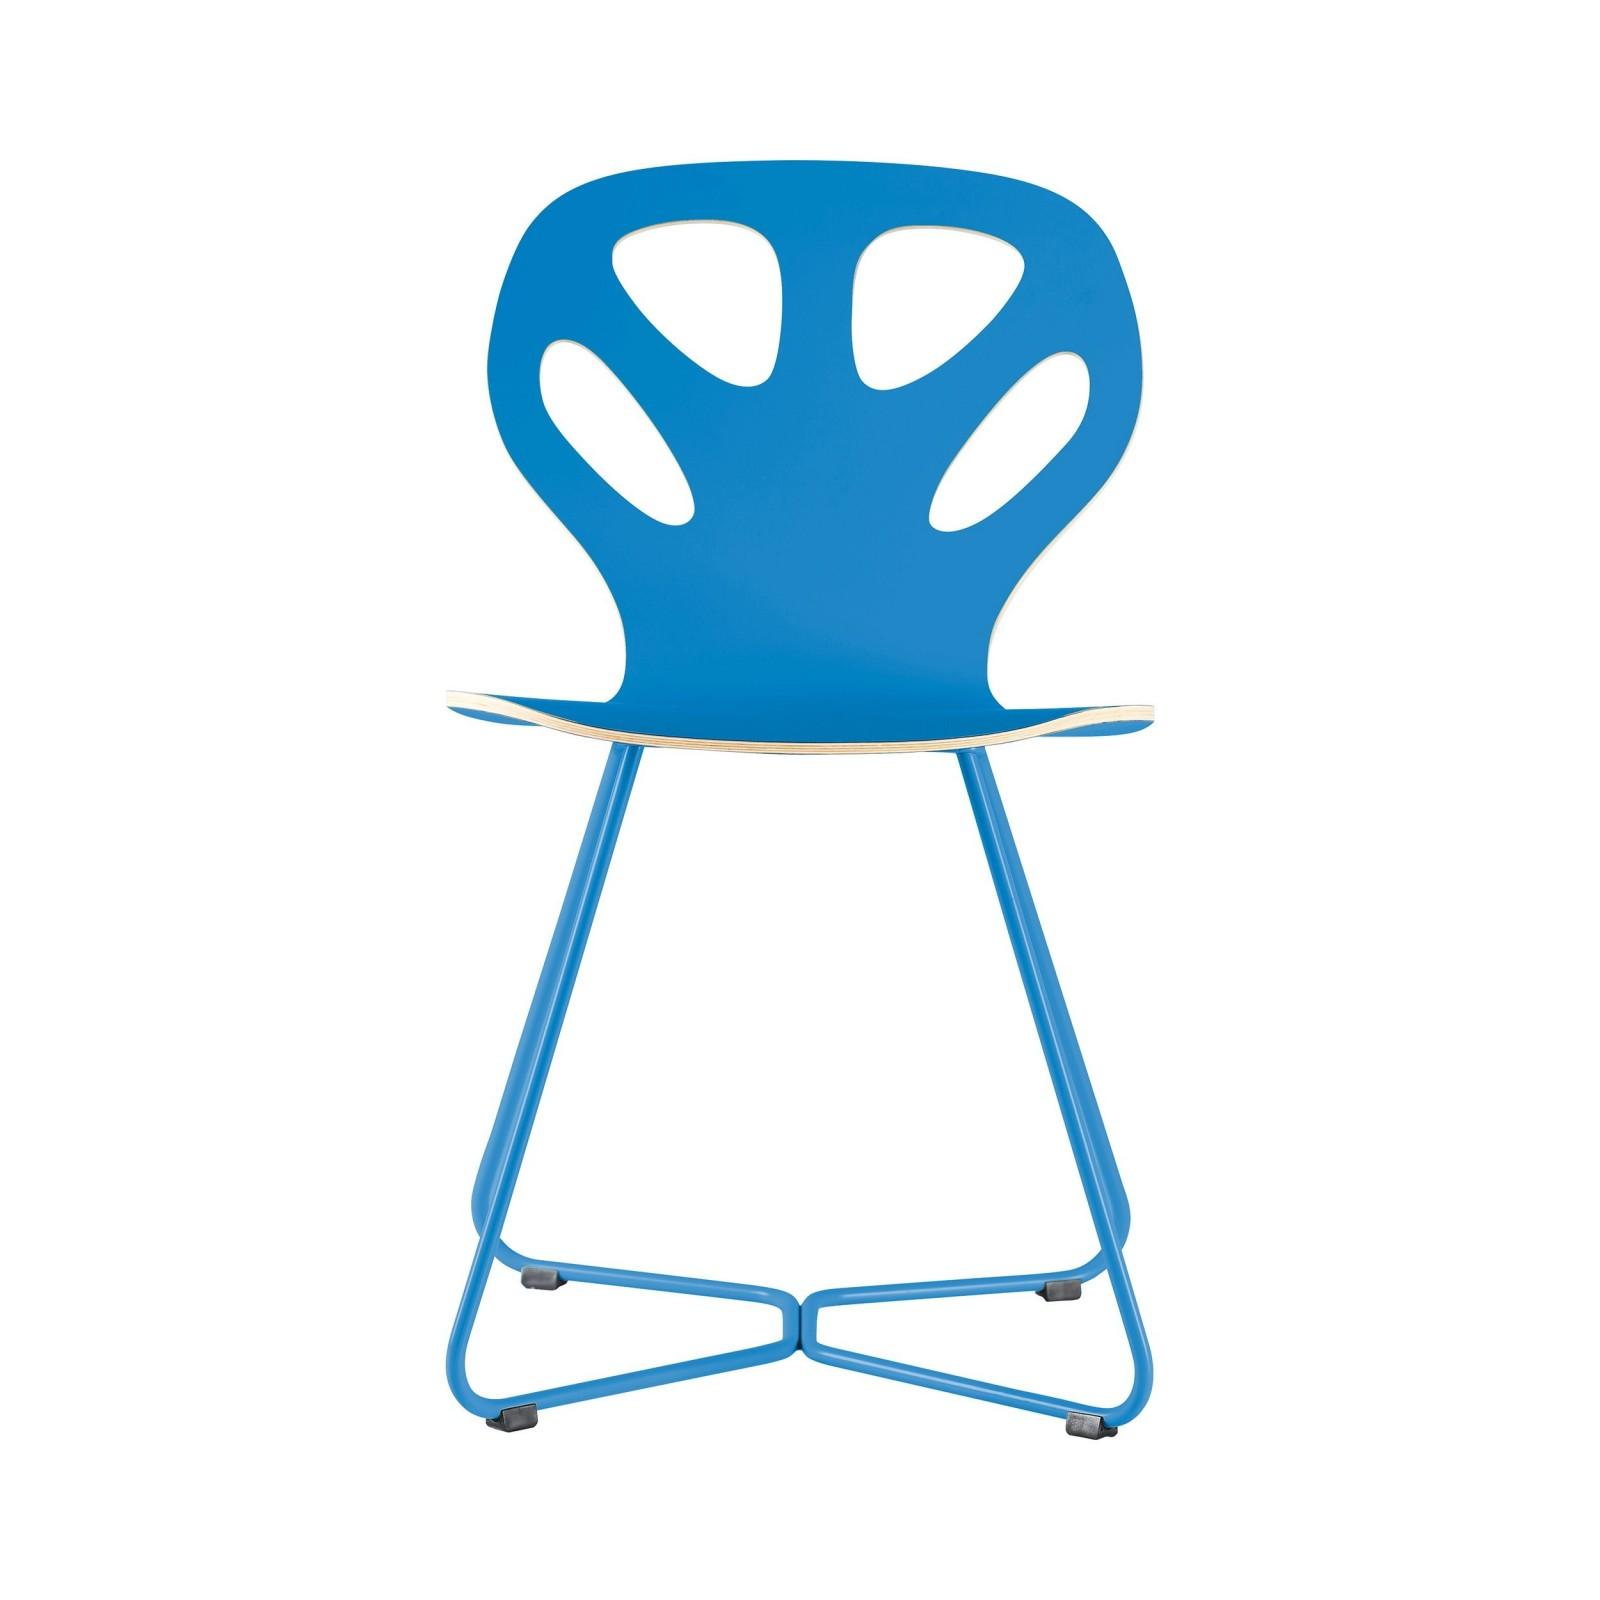 Krzesło MAPLE - M02 - niebieskie